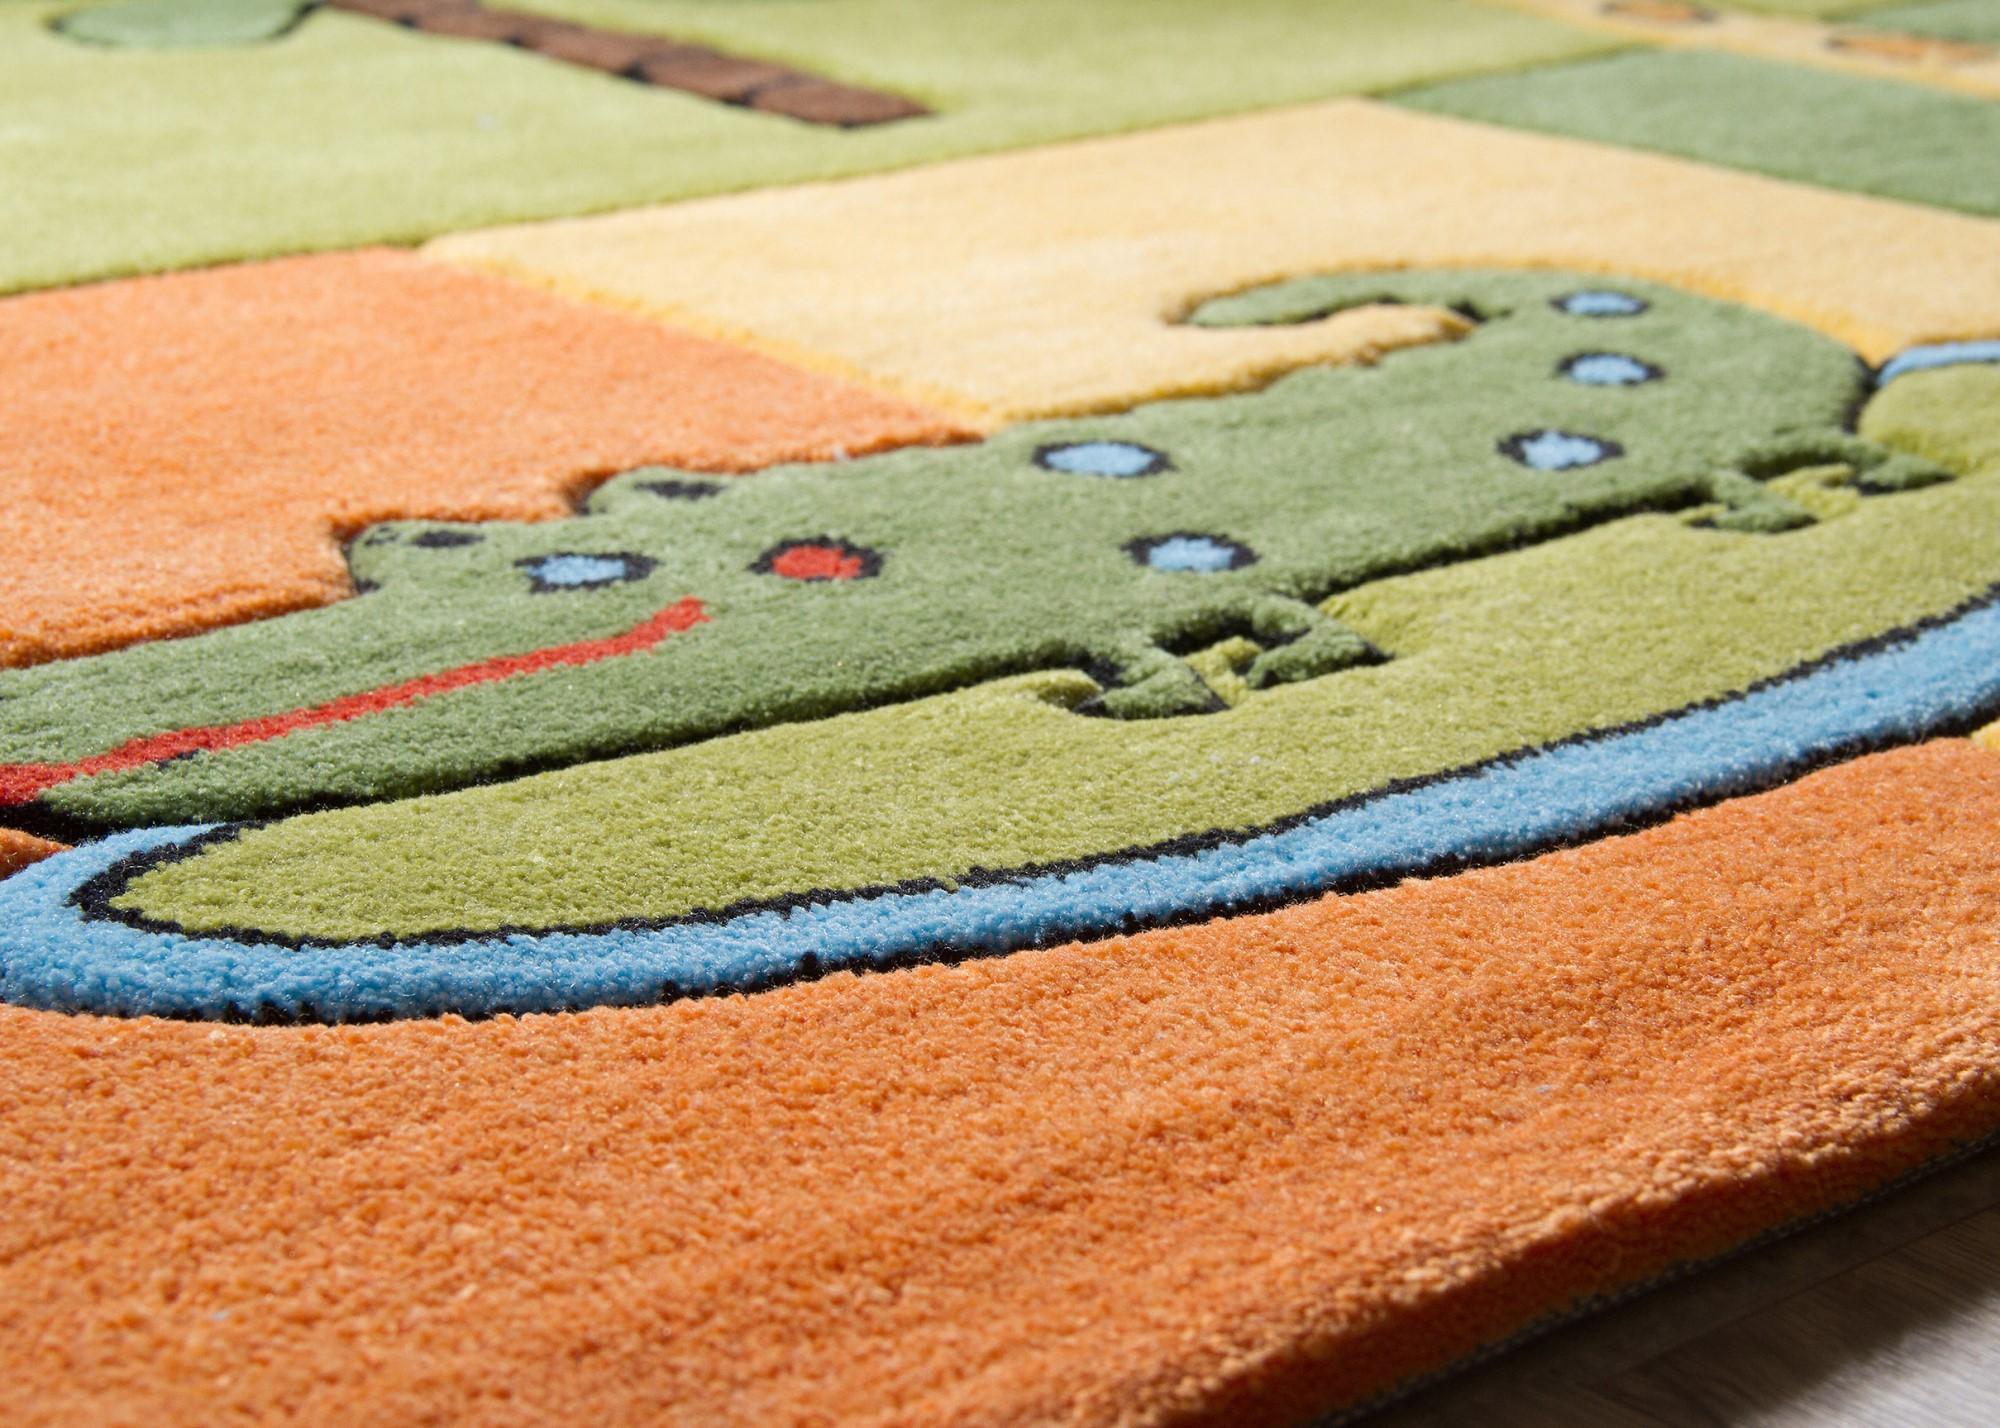 Theko Kinder Teppich Teppich Teppich Maui - Kinderteppich viele Motive und Farben - Öko-Tex Neu   Erlesene Materialien  f014f8